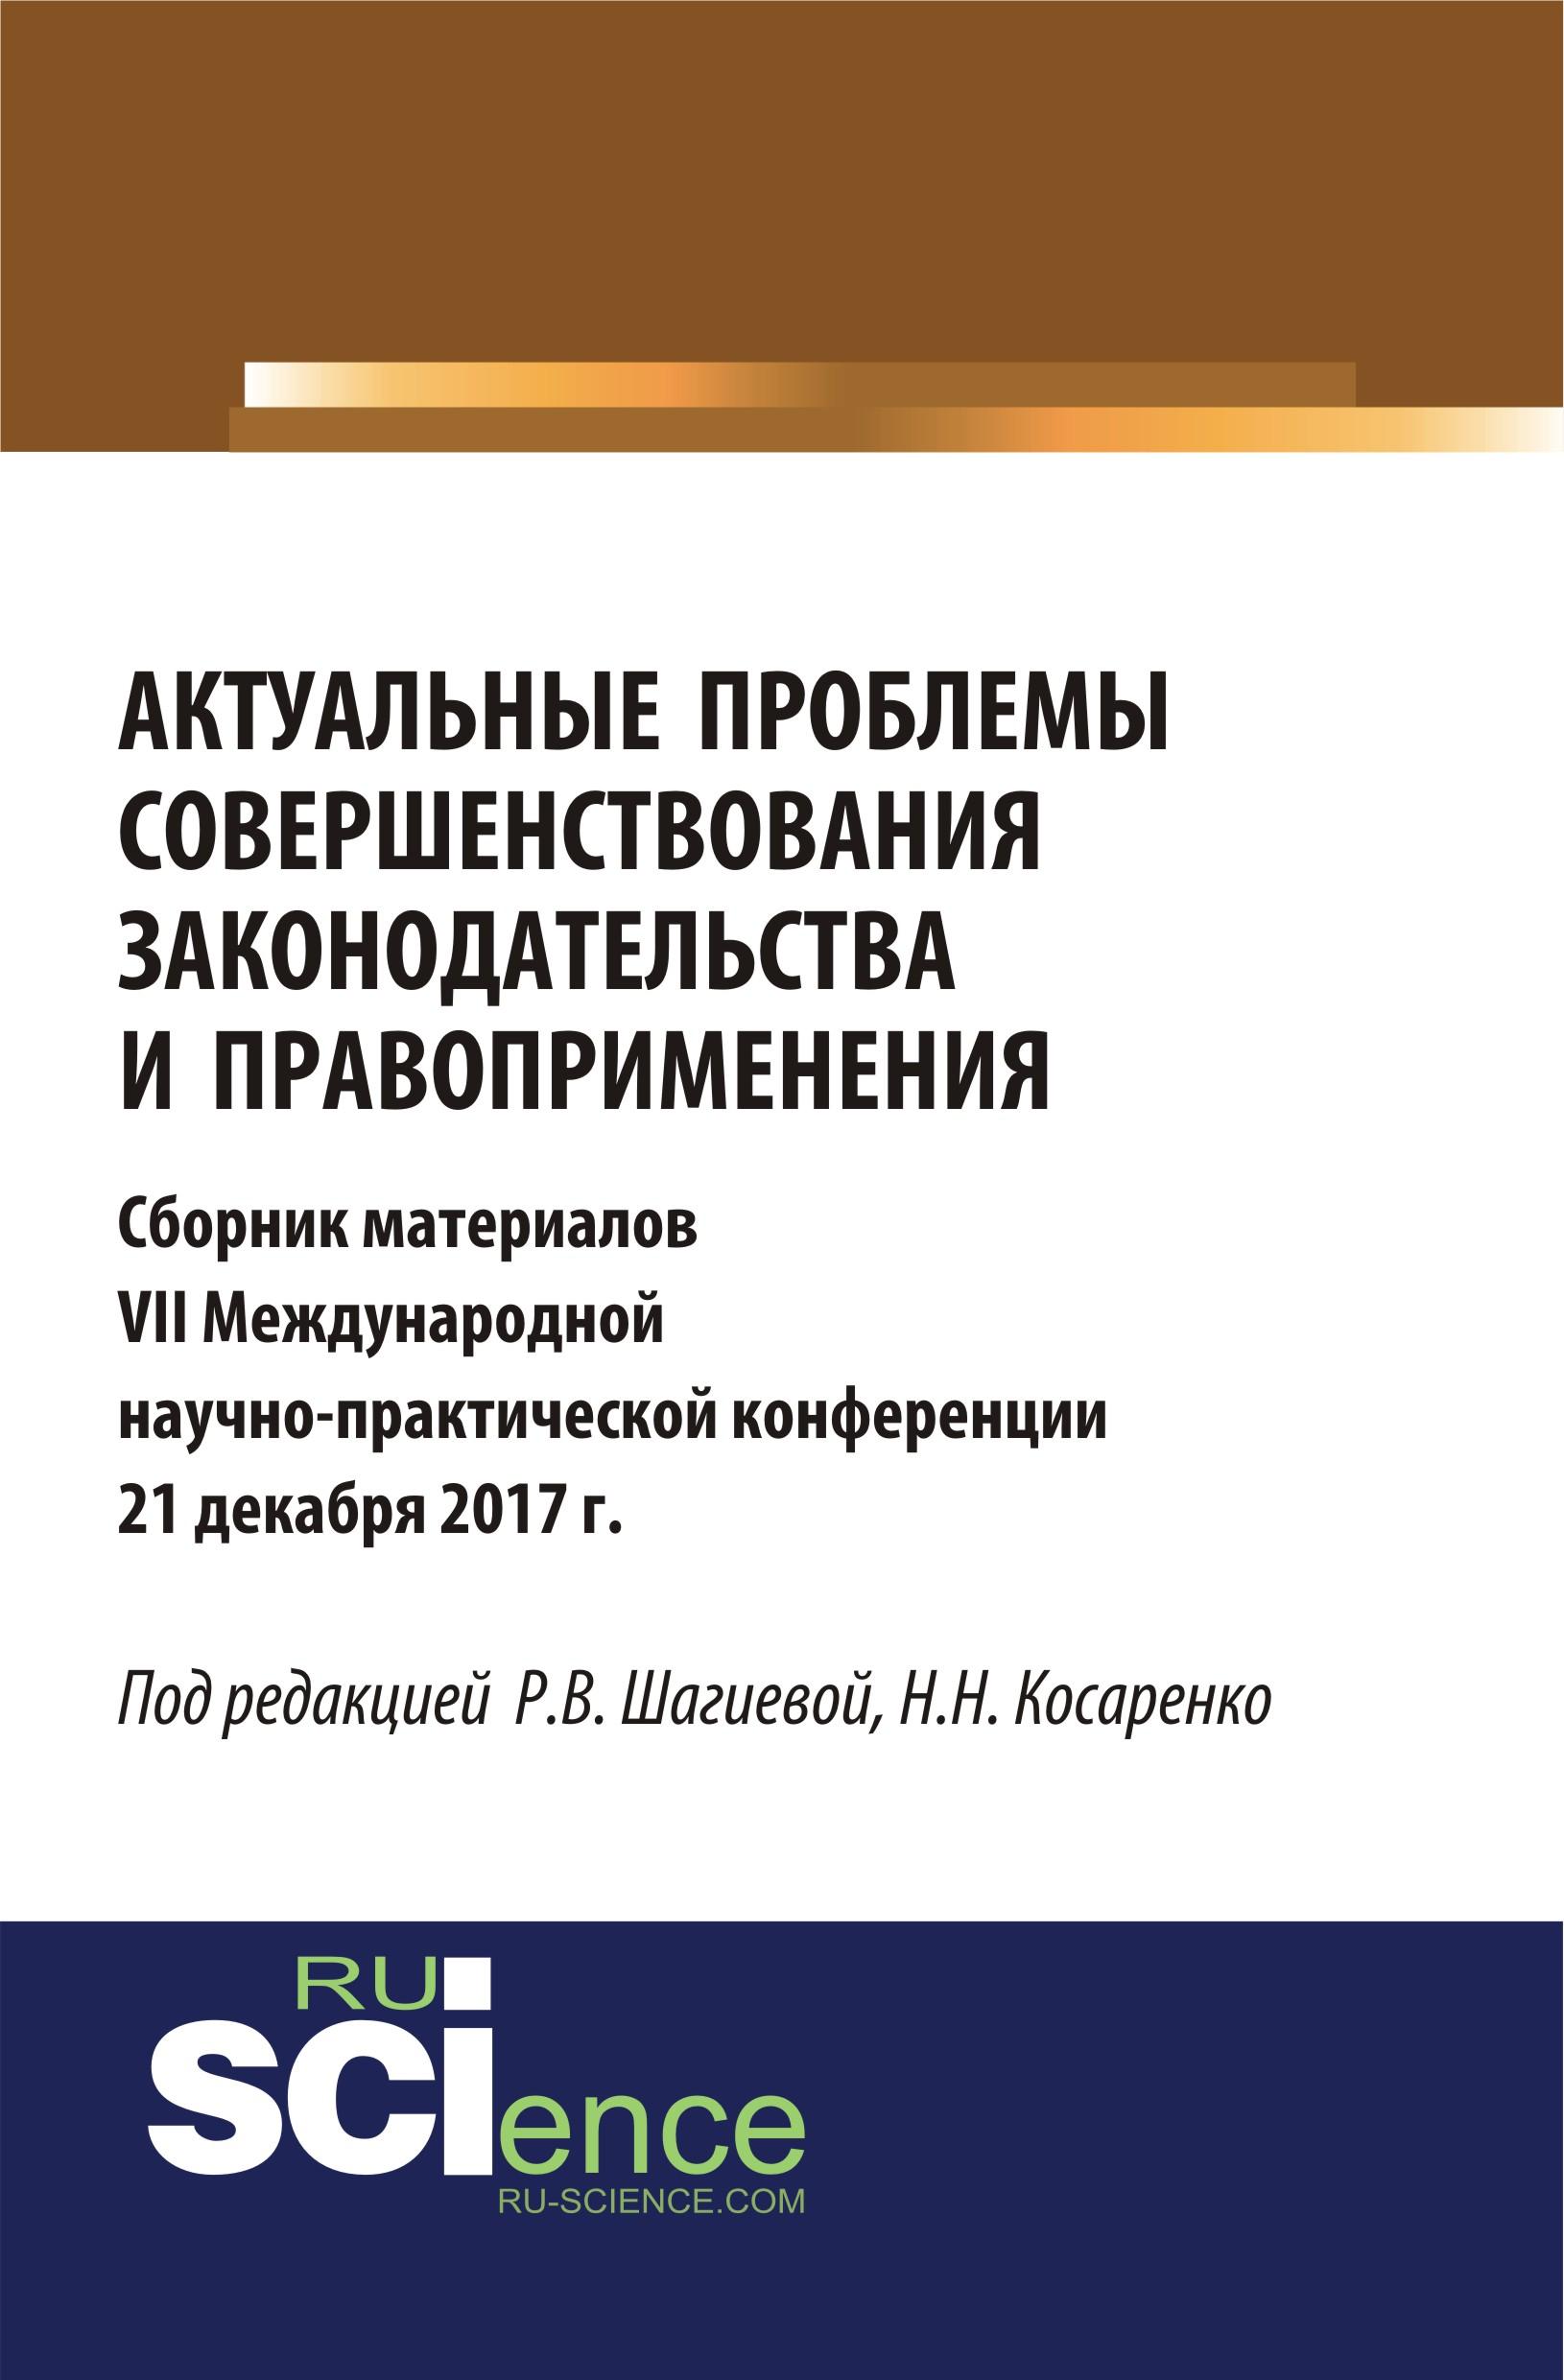 Сборник статей Актуальные проблемы совершенствования законодательства и правоприменения